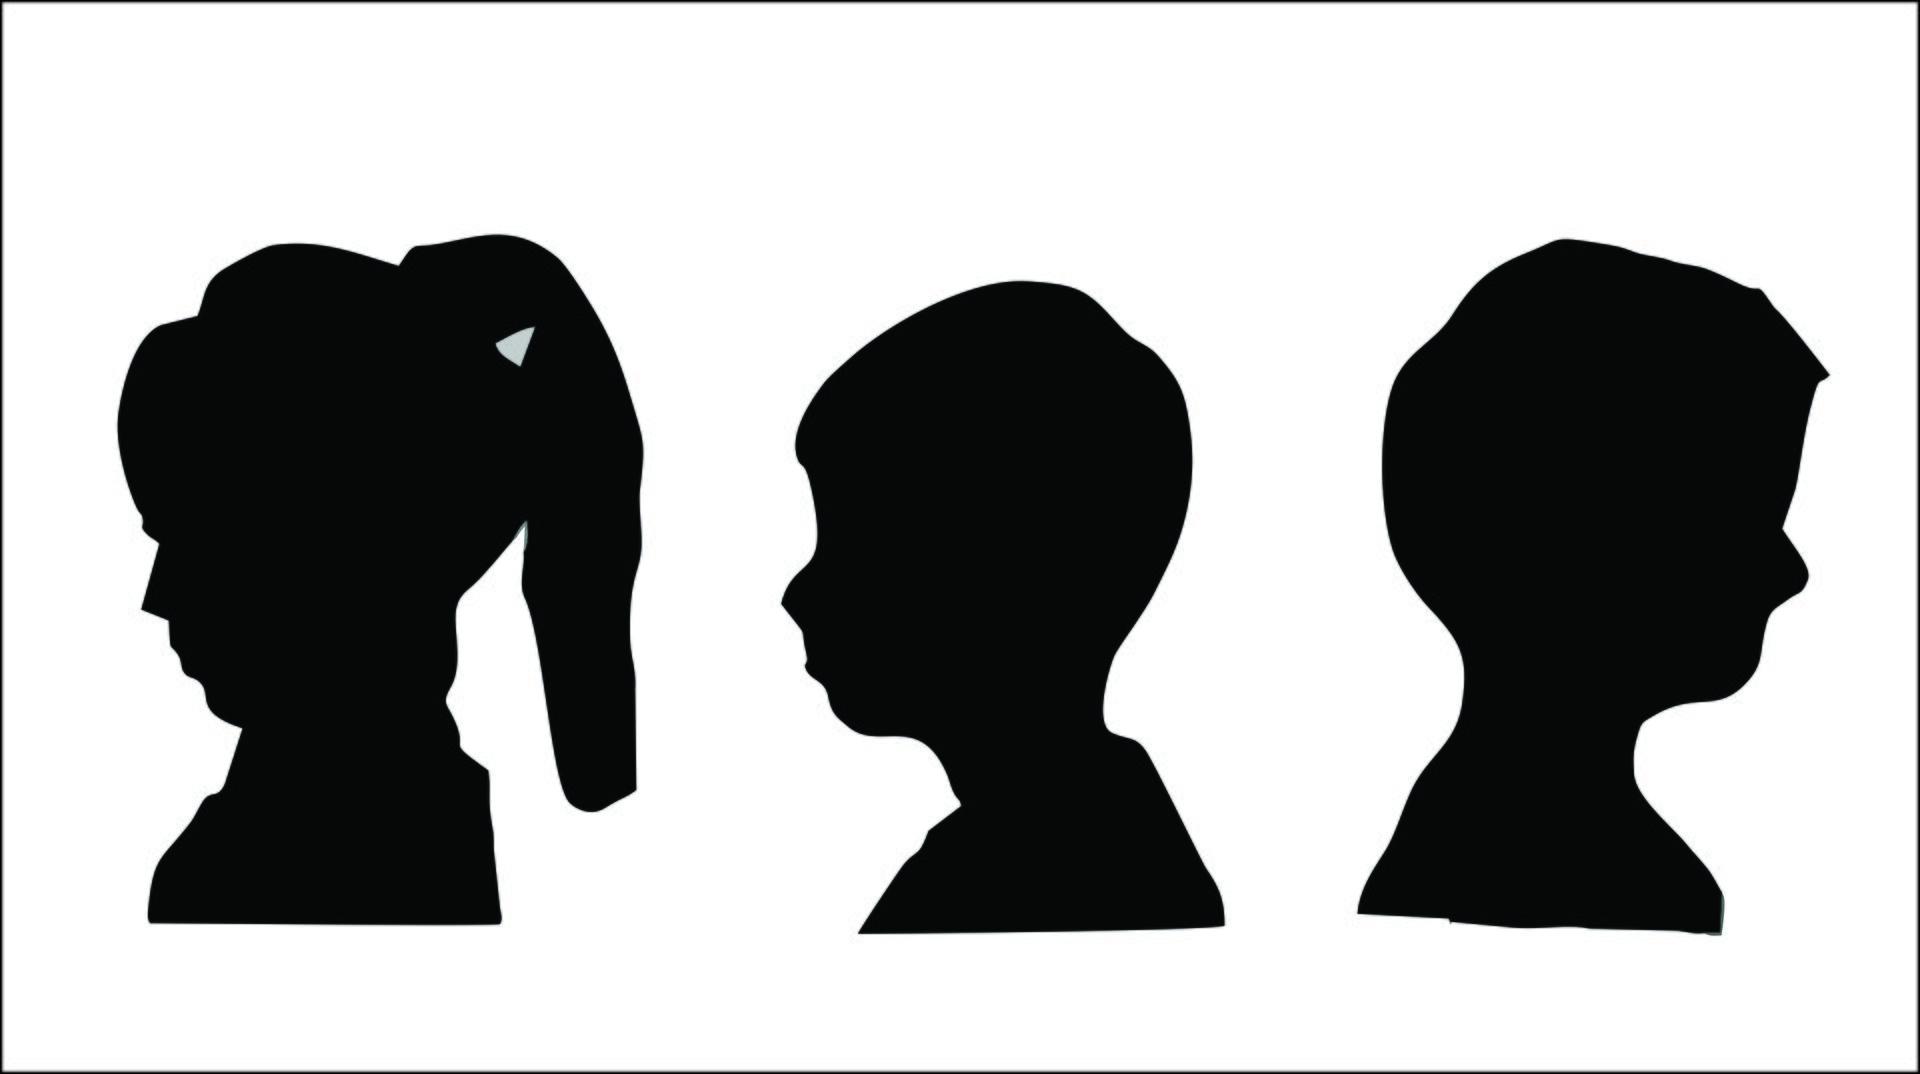 Ilustracja przedstawia trzy przykłady portretów sylwetkowych. Pierwszy należy do dziewczynki, na co wskazują długie, spięte wkucyk włosy. Dwa pozostałe to portrety chłopców okrótkich włosach.